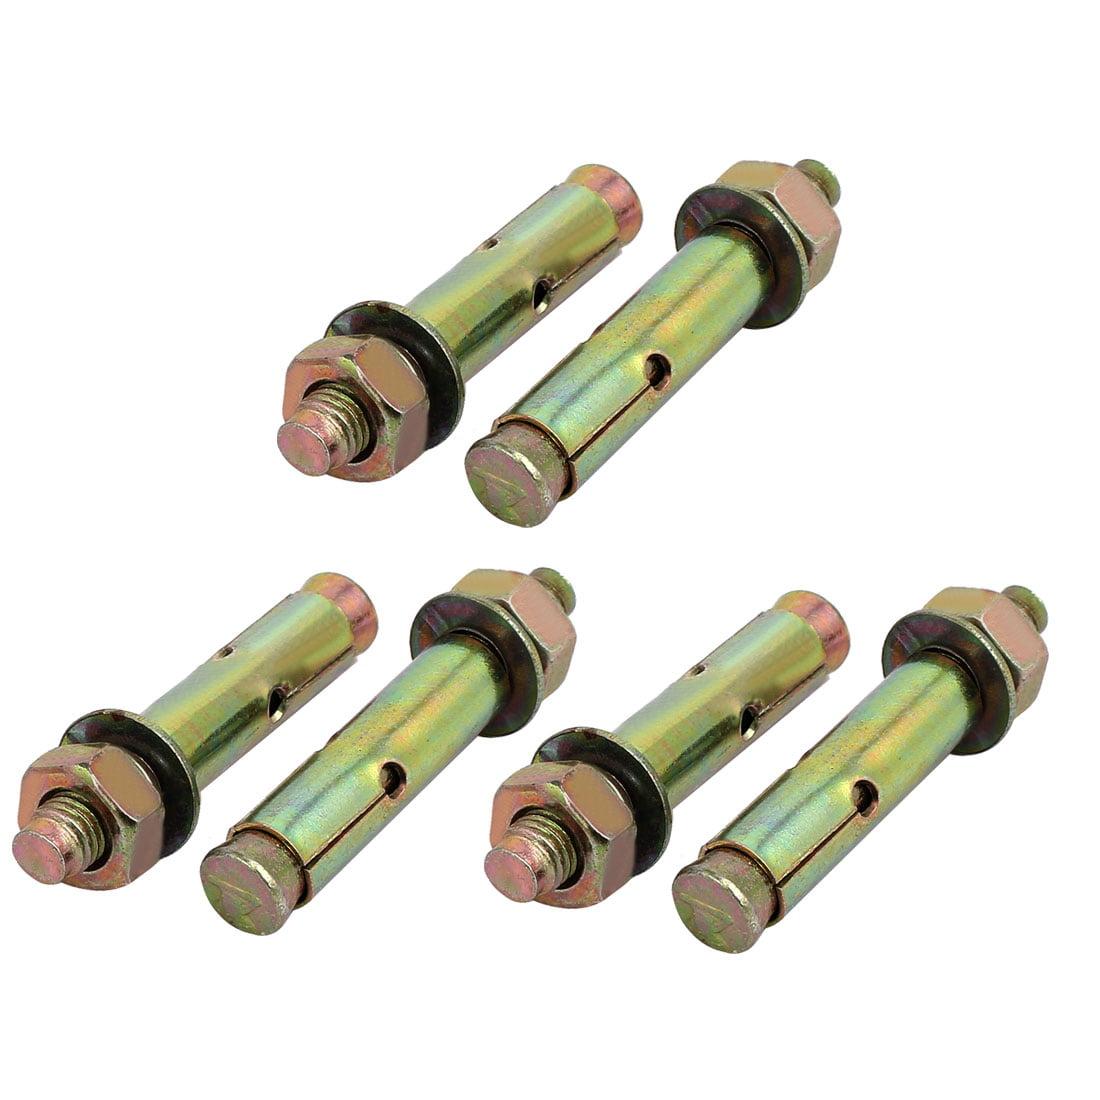 M10x70mm Zinc Plaqué Anchor Boulon Expansion Boulon Bronze 6pcs - image 3 de 3